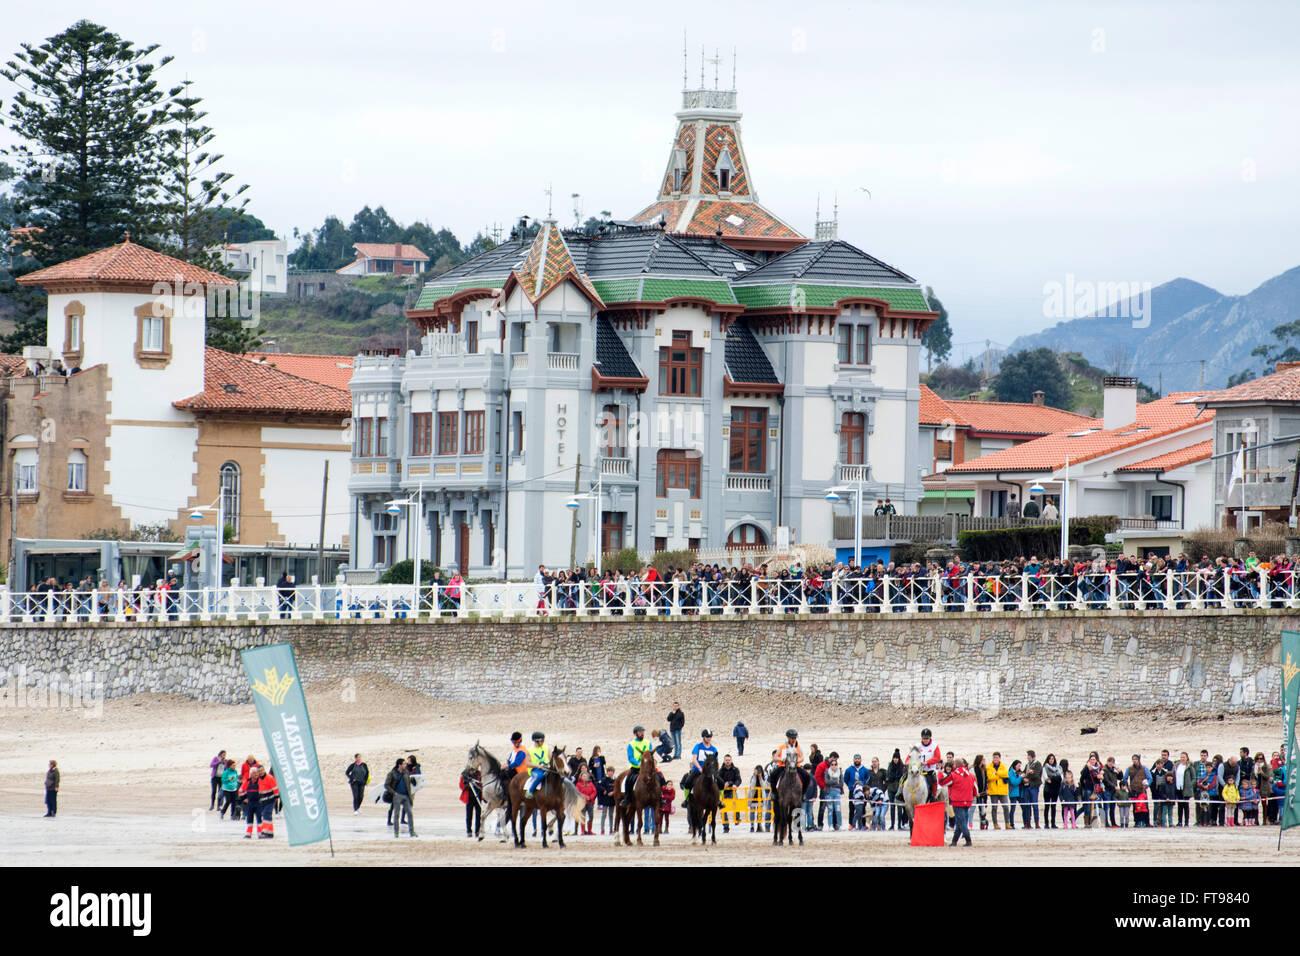 Ribadesella, Spanien. 25. März 2016. Die Pferde nach dem Start des ersten Rennens der Pferderennen am Strand Stockbild